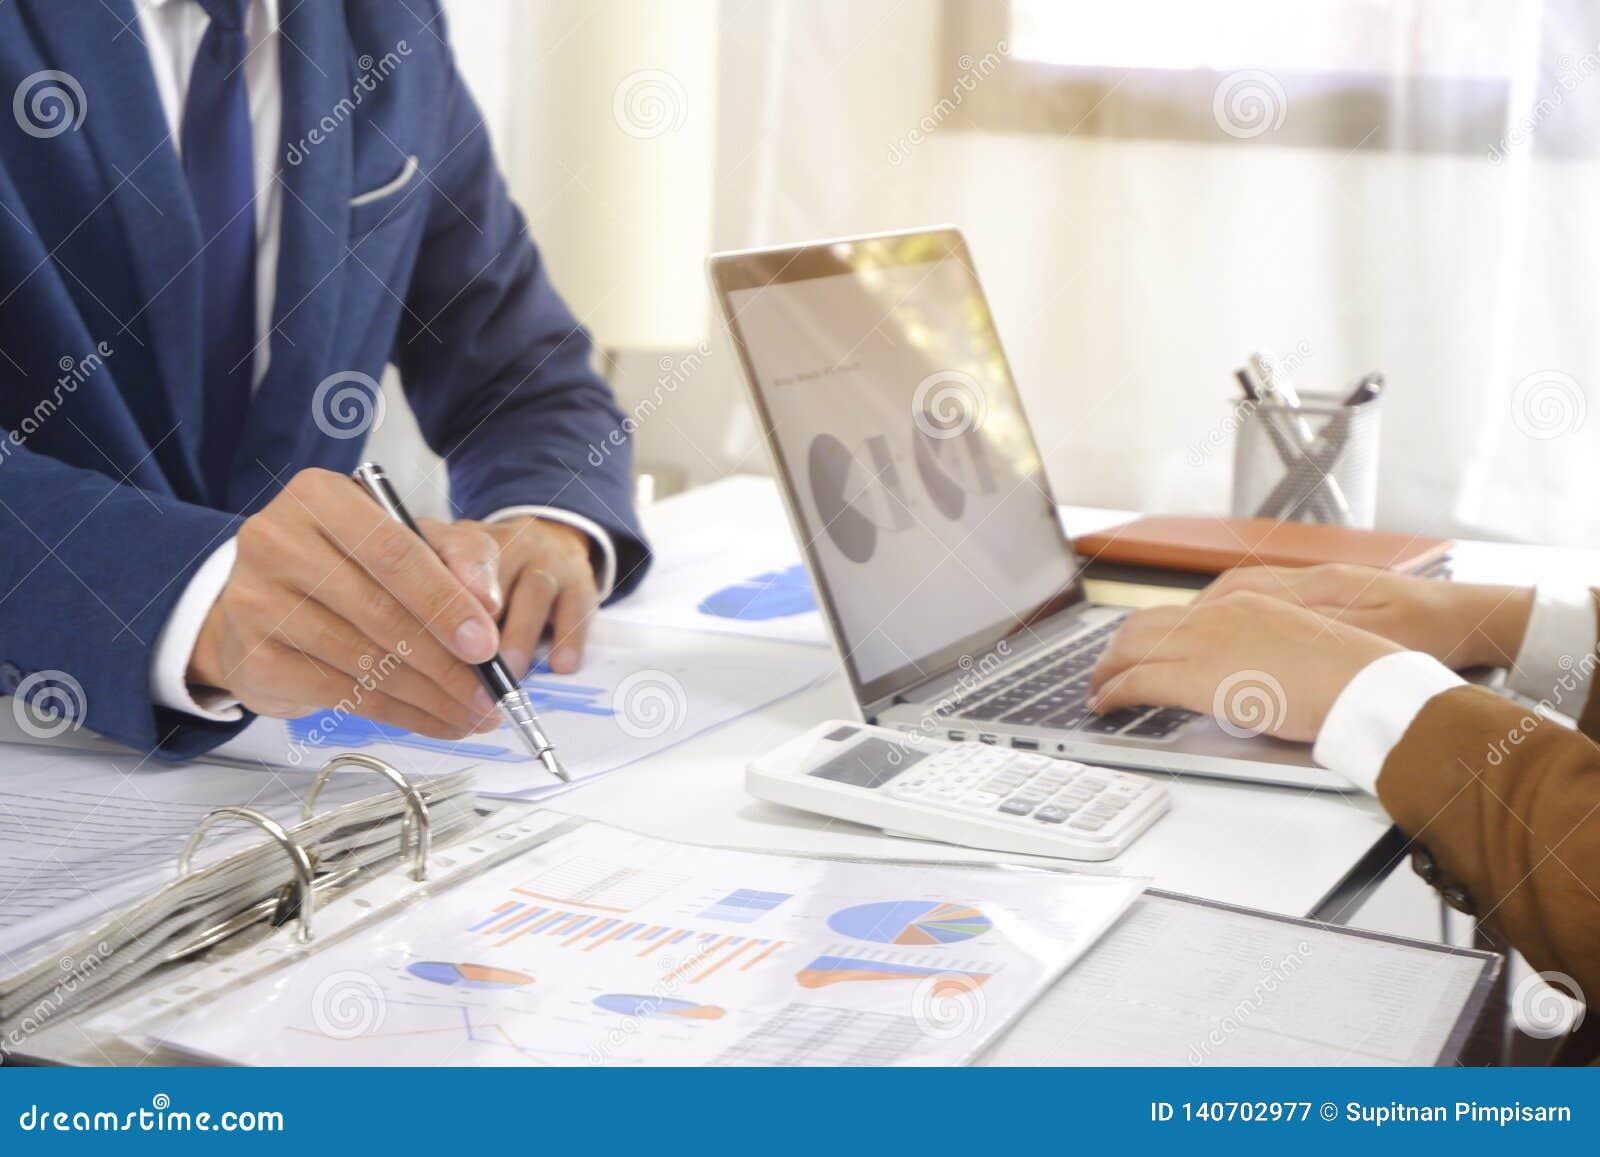 Hommes d affaires rencontrant l idée de conception, investisseur professionnel travaillant dans le bureau pour le nouveau projet